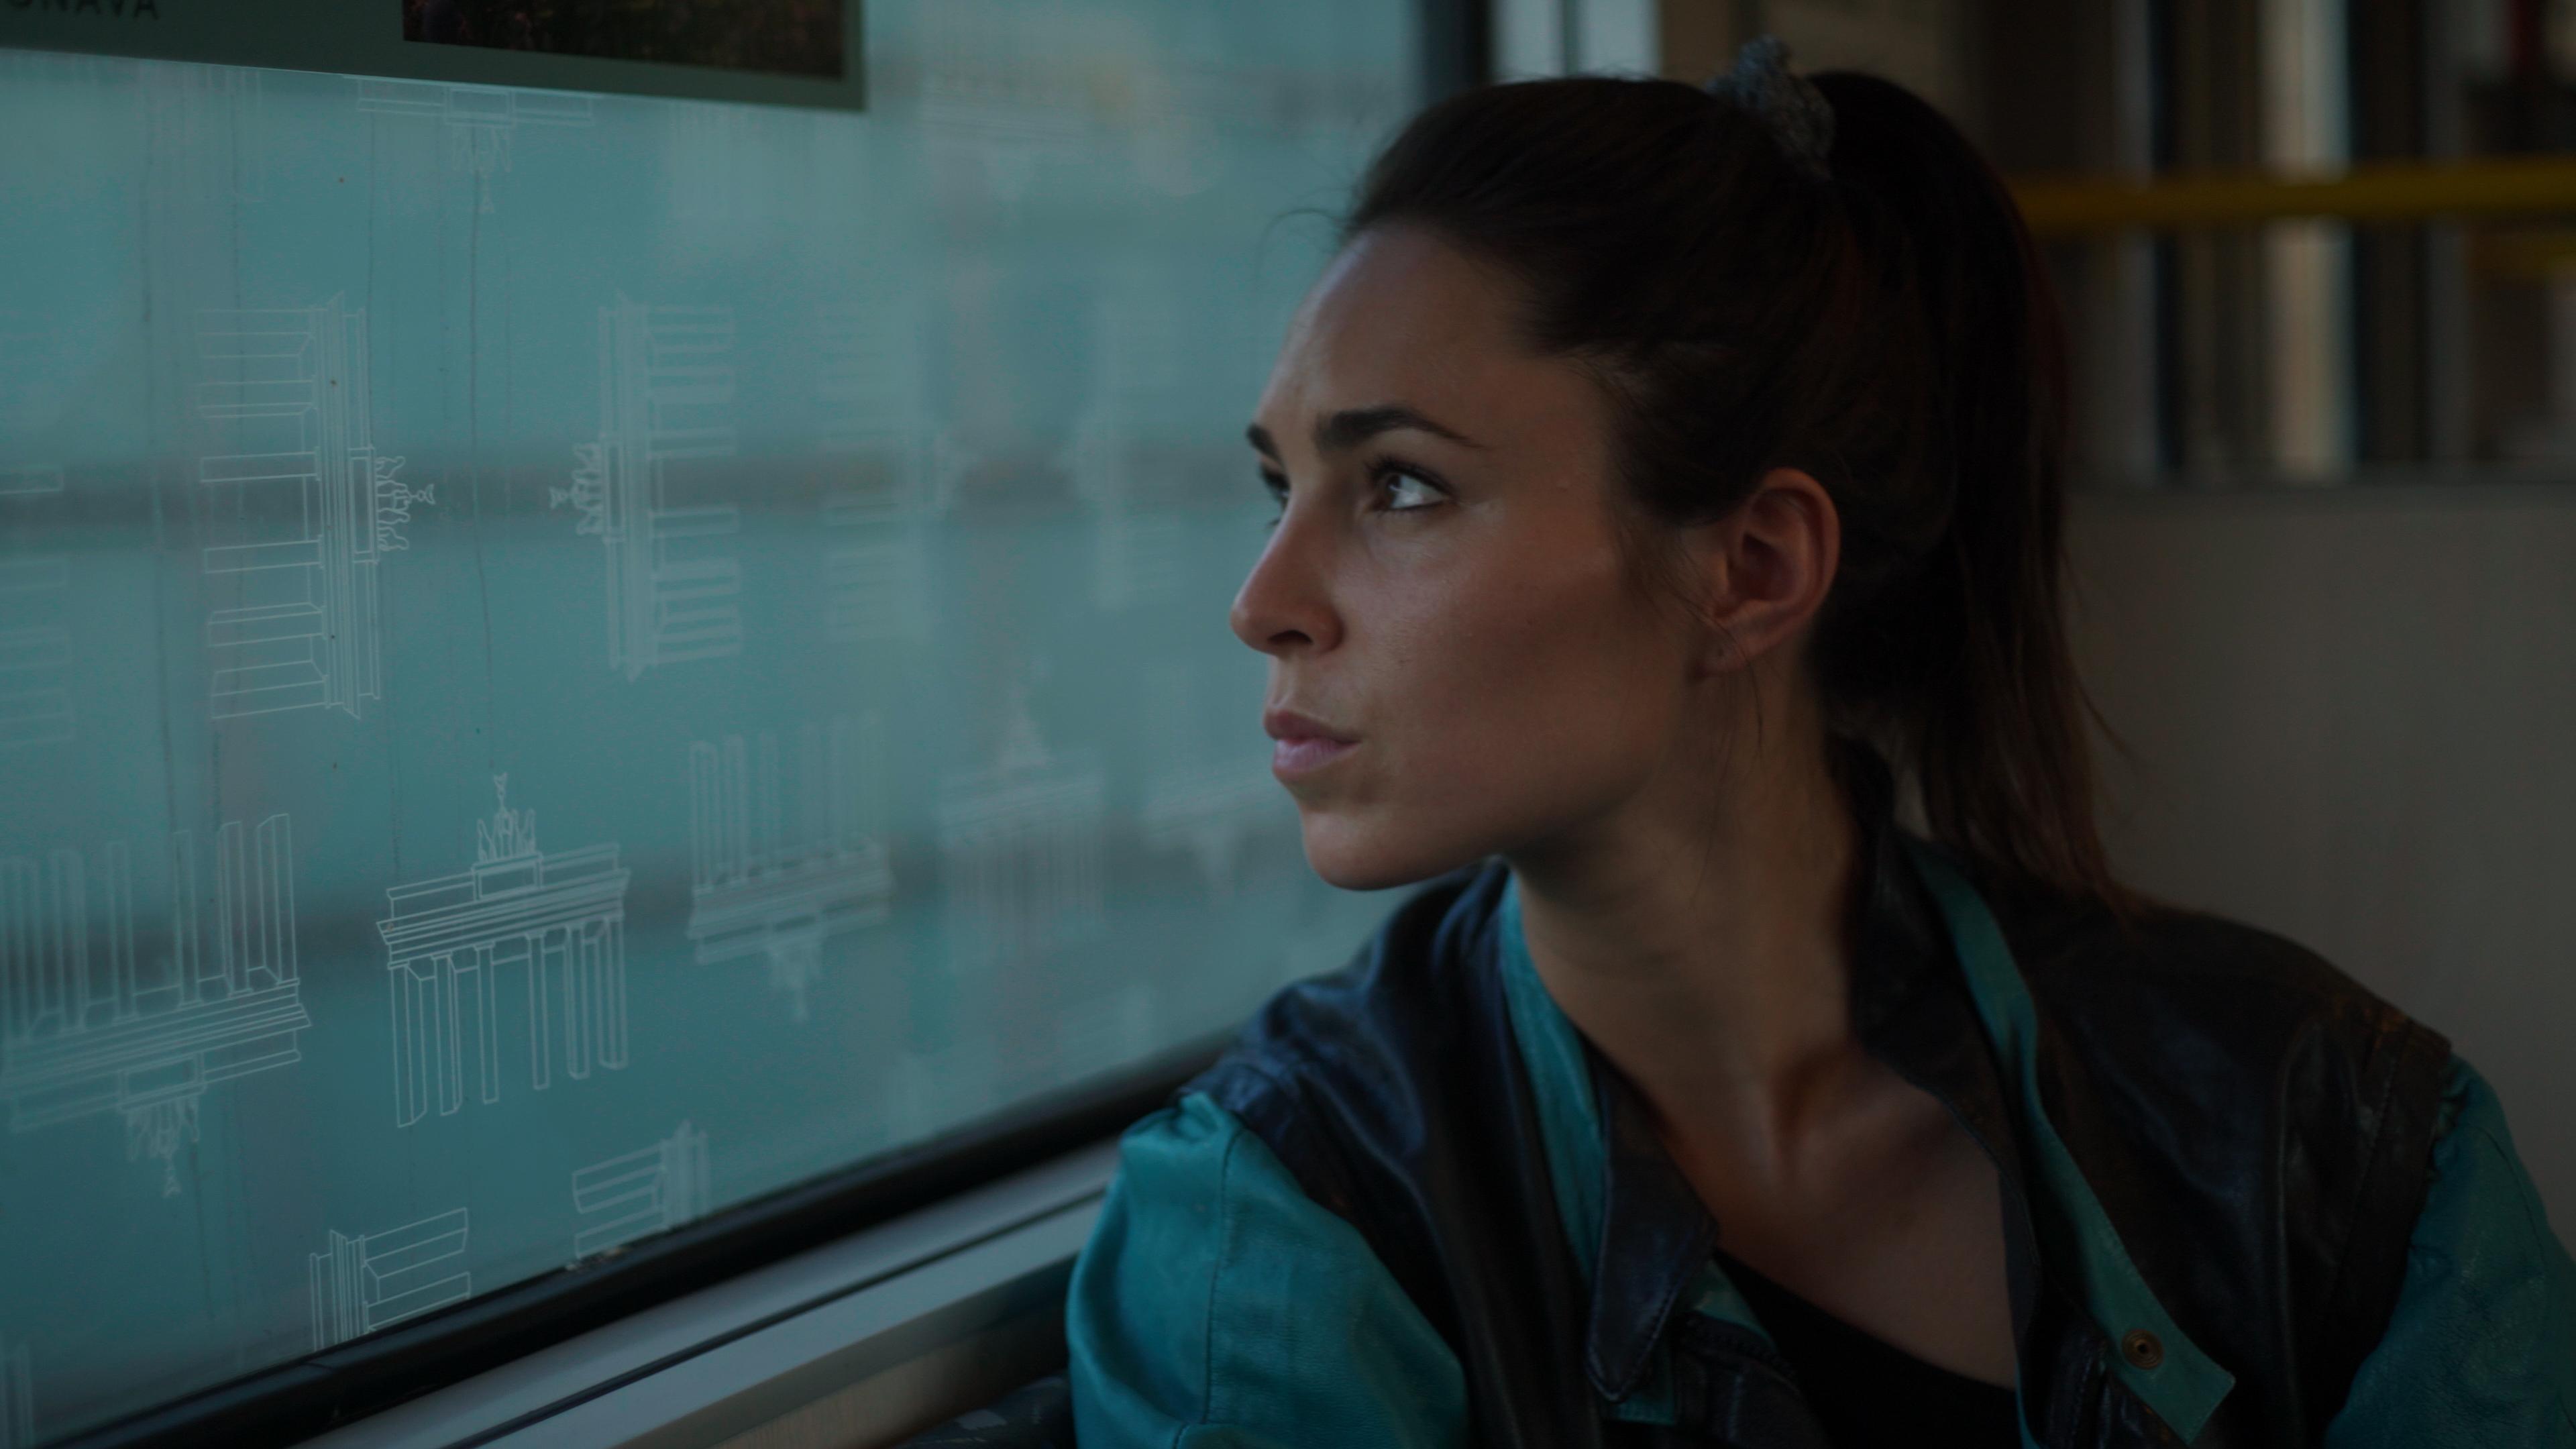 La Théorie du Y: 10 bonnes raisons de binge-watcher la saison 2